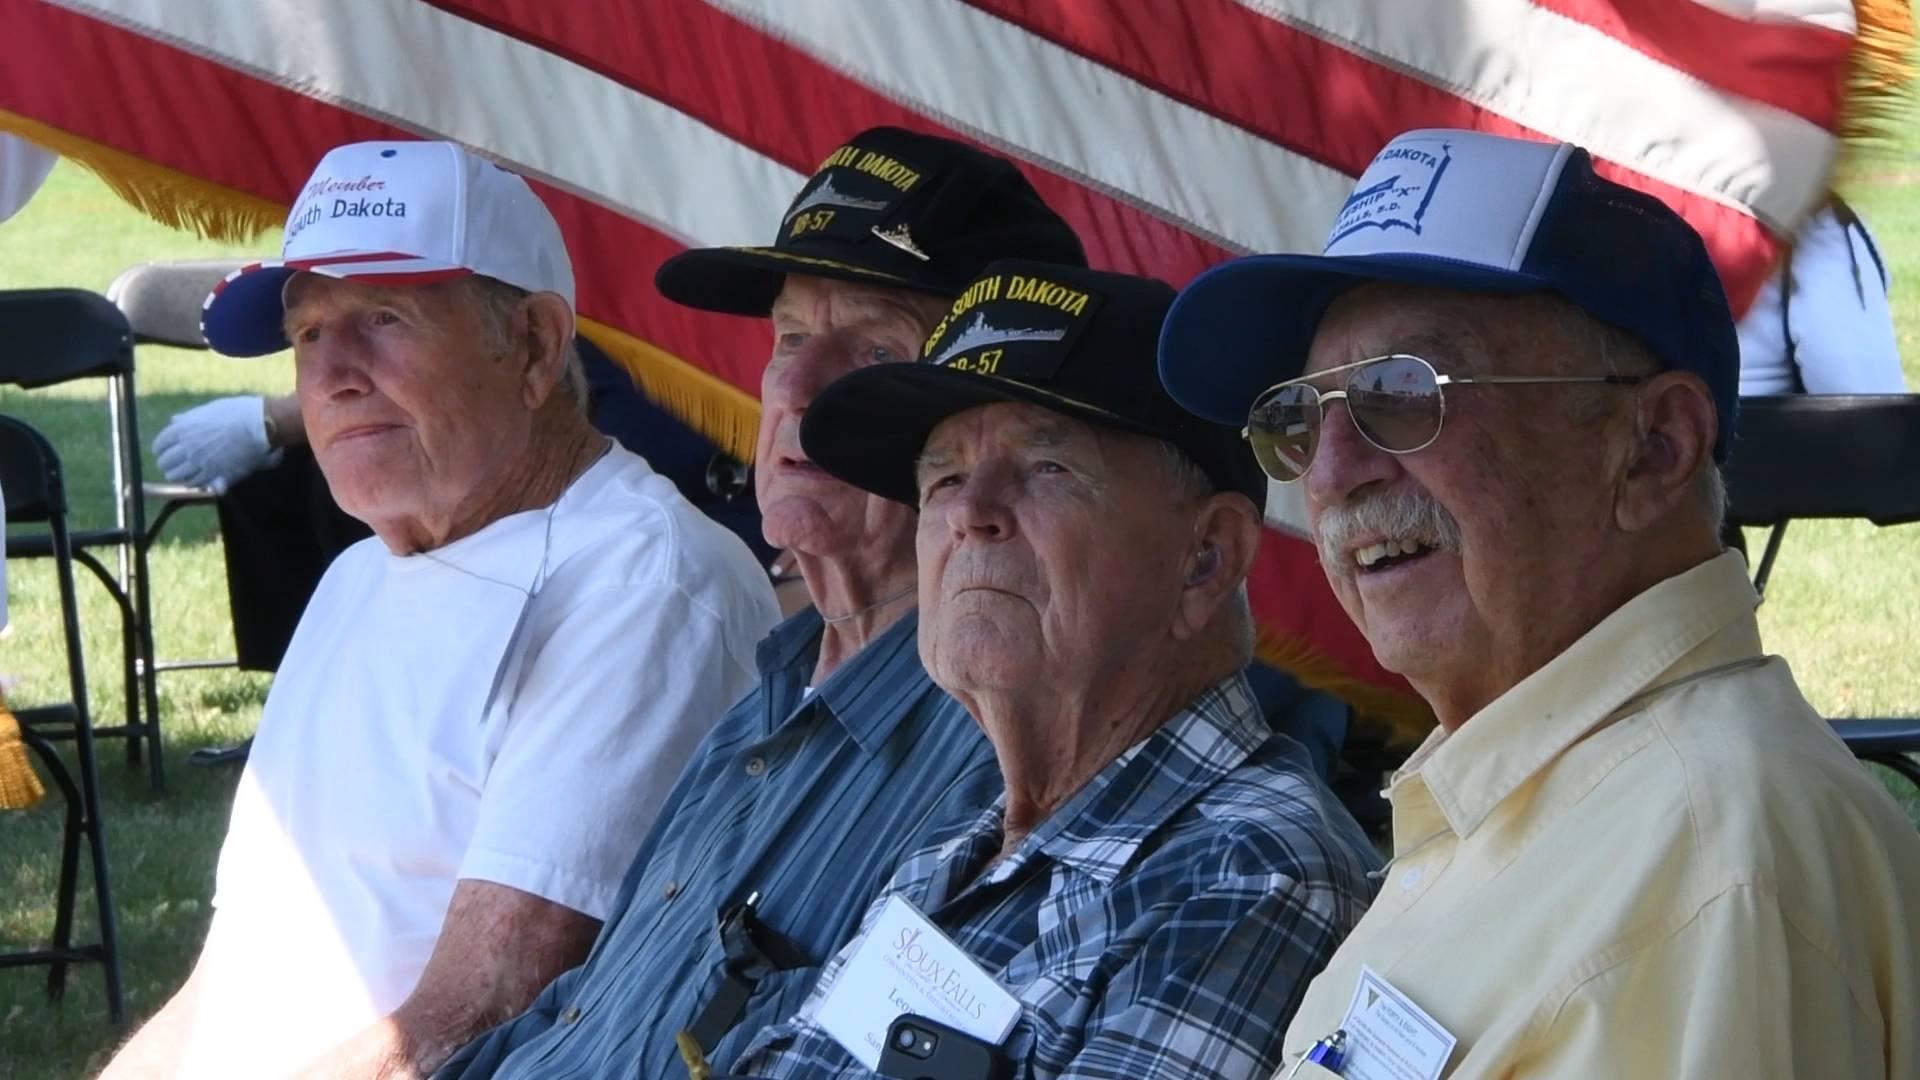 Four former crewmen from World War II